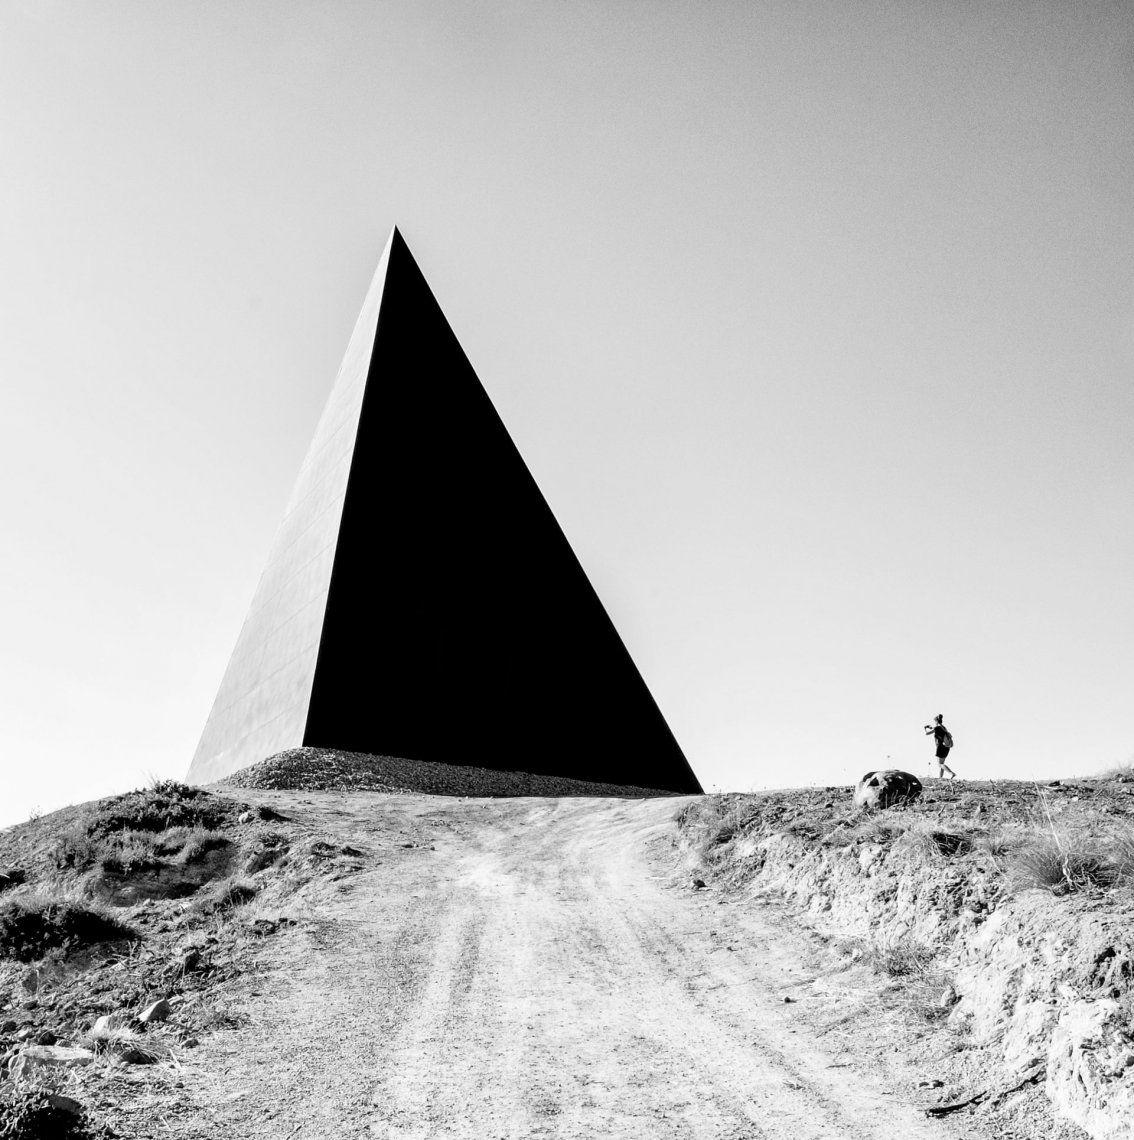 Escultura en forma de pirámide de Mauro Staccioli que se encuentra exactamente en el paralelo 38